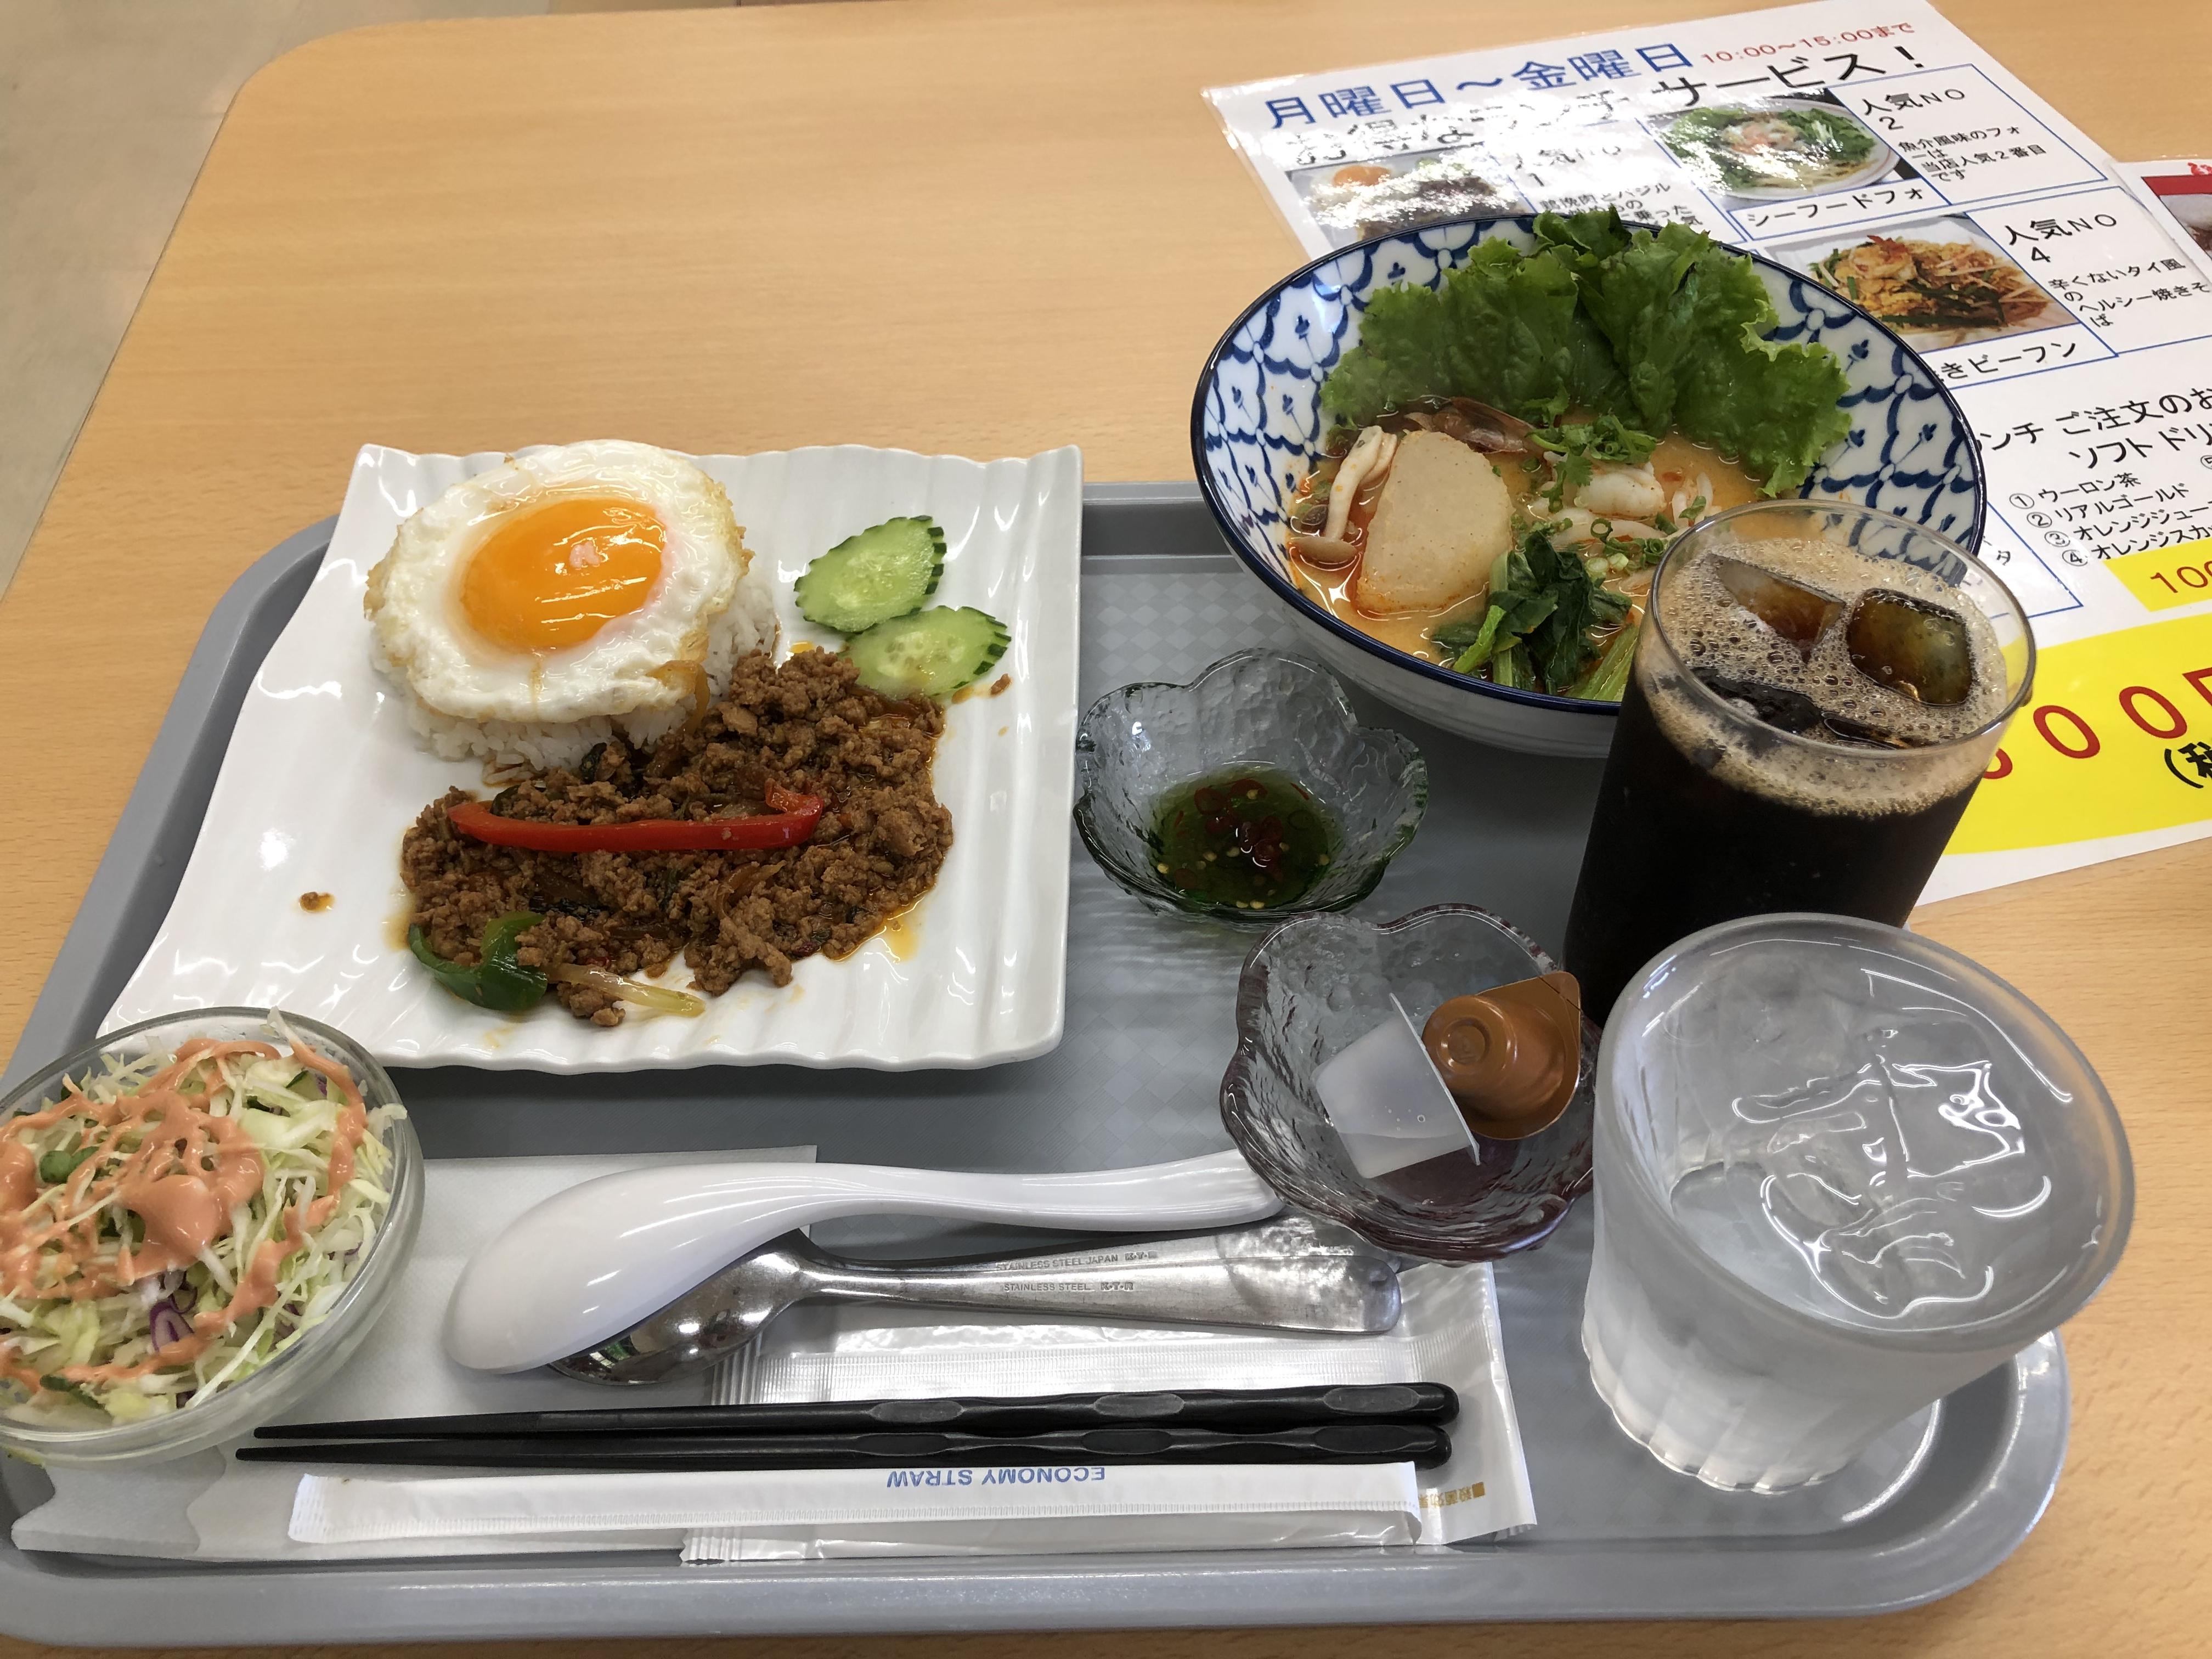 ビバモール鹿沼店内にあるアジアンフュージョン料理ナイエムで現地の人が作るガパオライスとトムヤンクンラーメンを堪能してきた